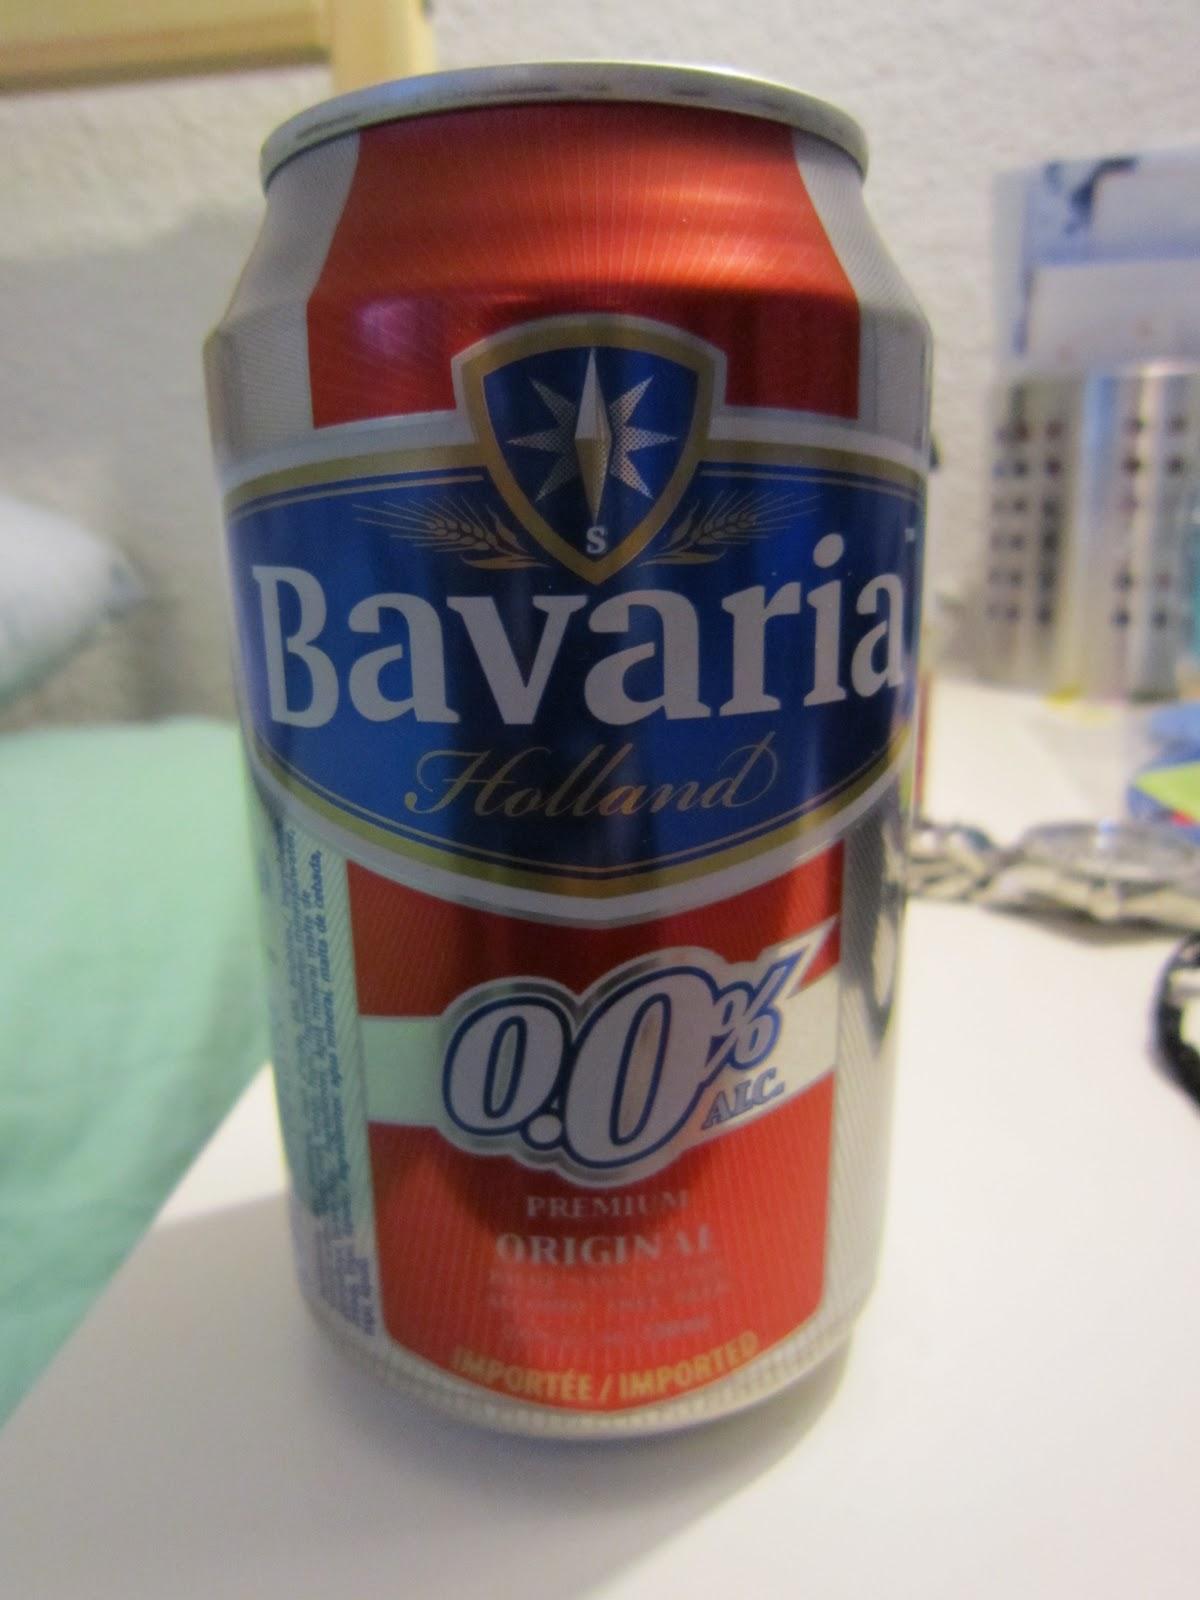 Straight edge ym. päihteettömyys - Sivu 5 Bavaria-0.0%2525-non-alcoholic-beer